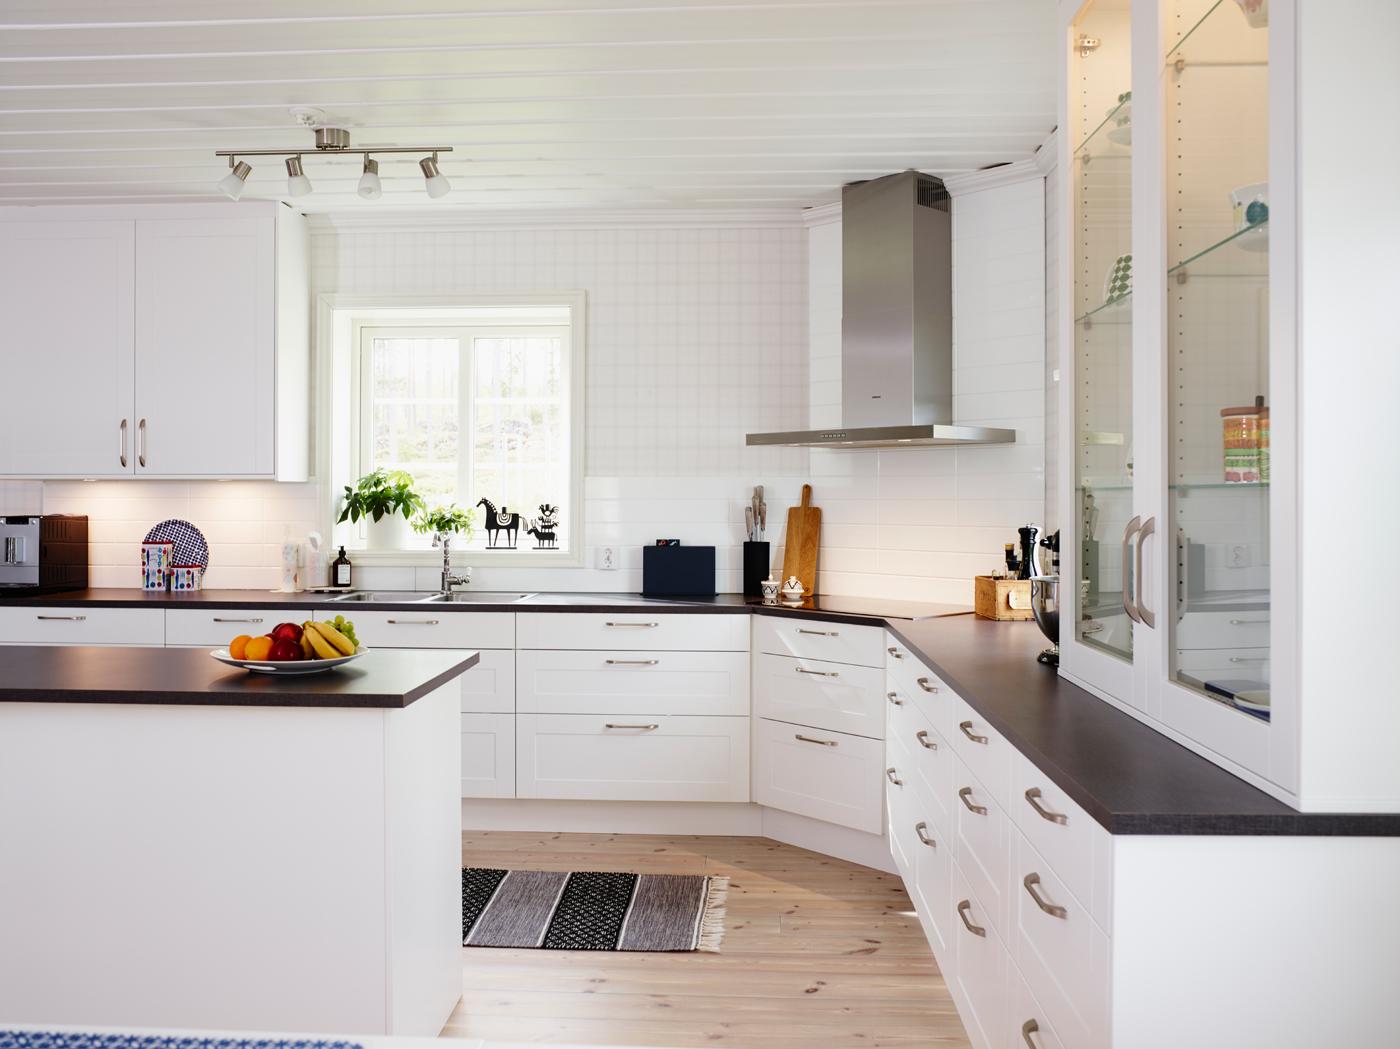 Högst rankad 379523417788 Vad Kostar Ett Nytt Kök, FÃ¥ idéer ... : kostnad nytt kök : Kök